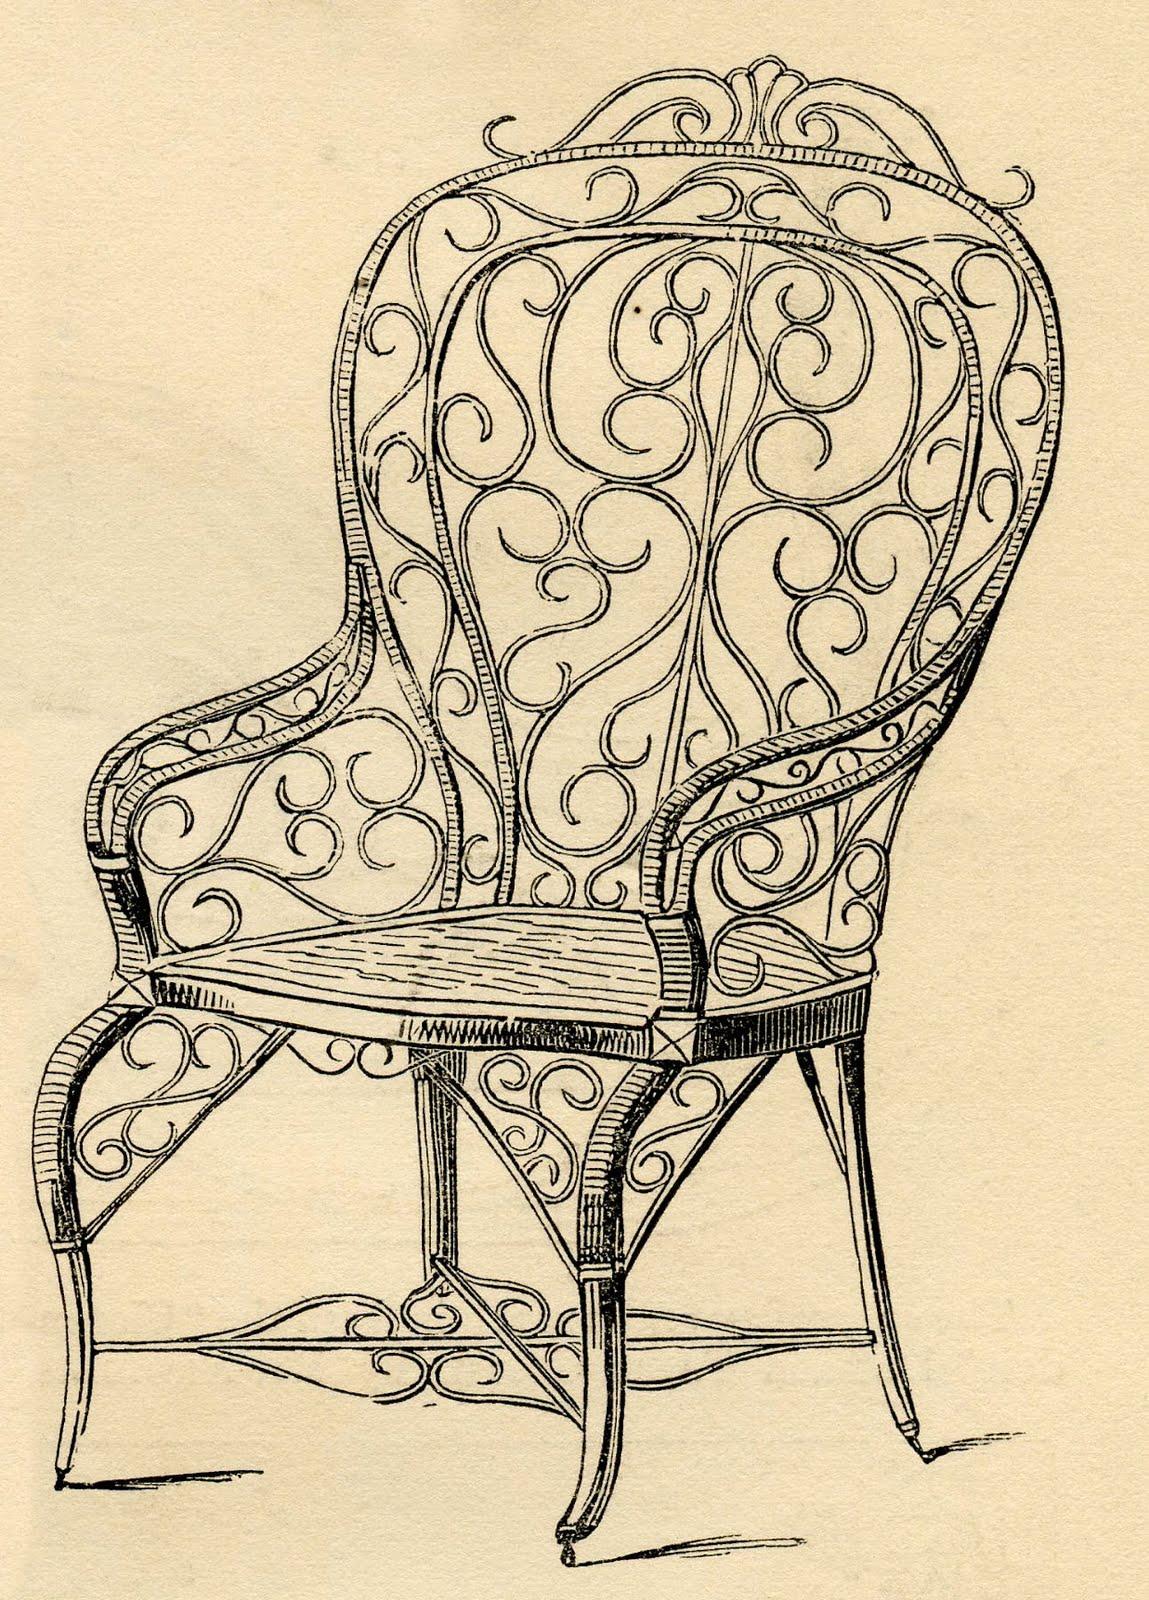 Vintage Clip Art – Wicker Garden Chair - Vintage Clip Art - Wicker Garden Chair - The Graphics Fairy